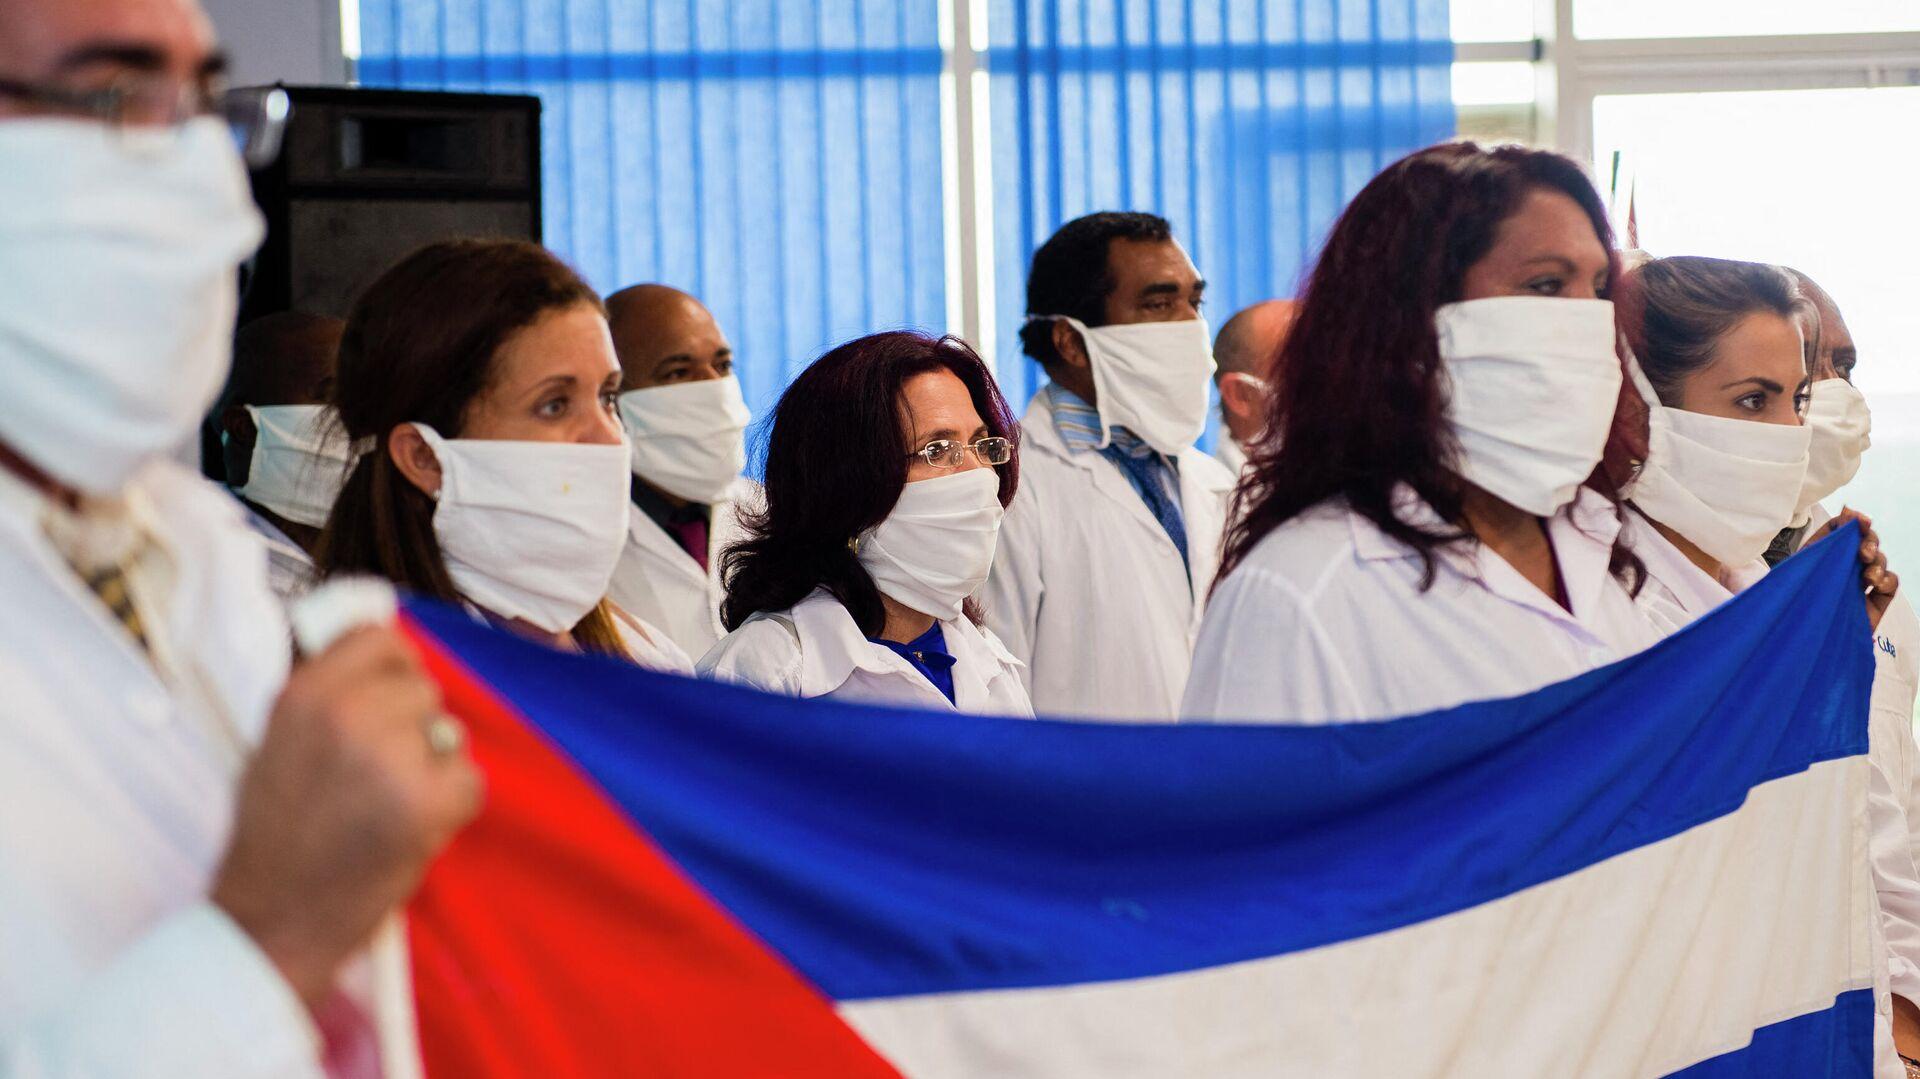 Médicos cubanos en Martinica - Sputnik Mundo, 1920, 12.05.2021